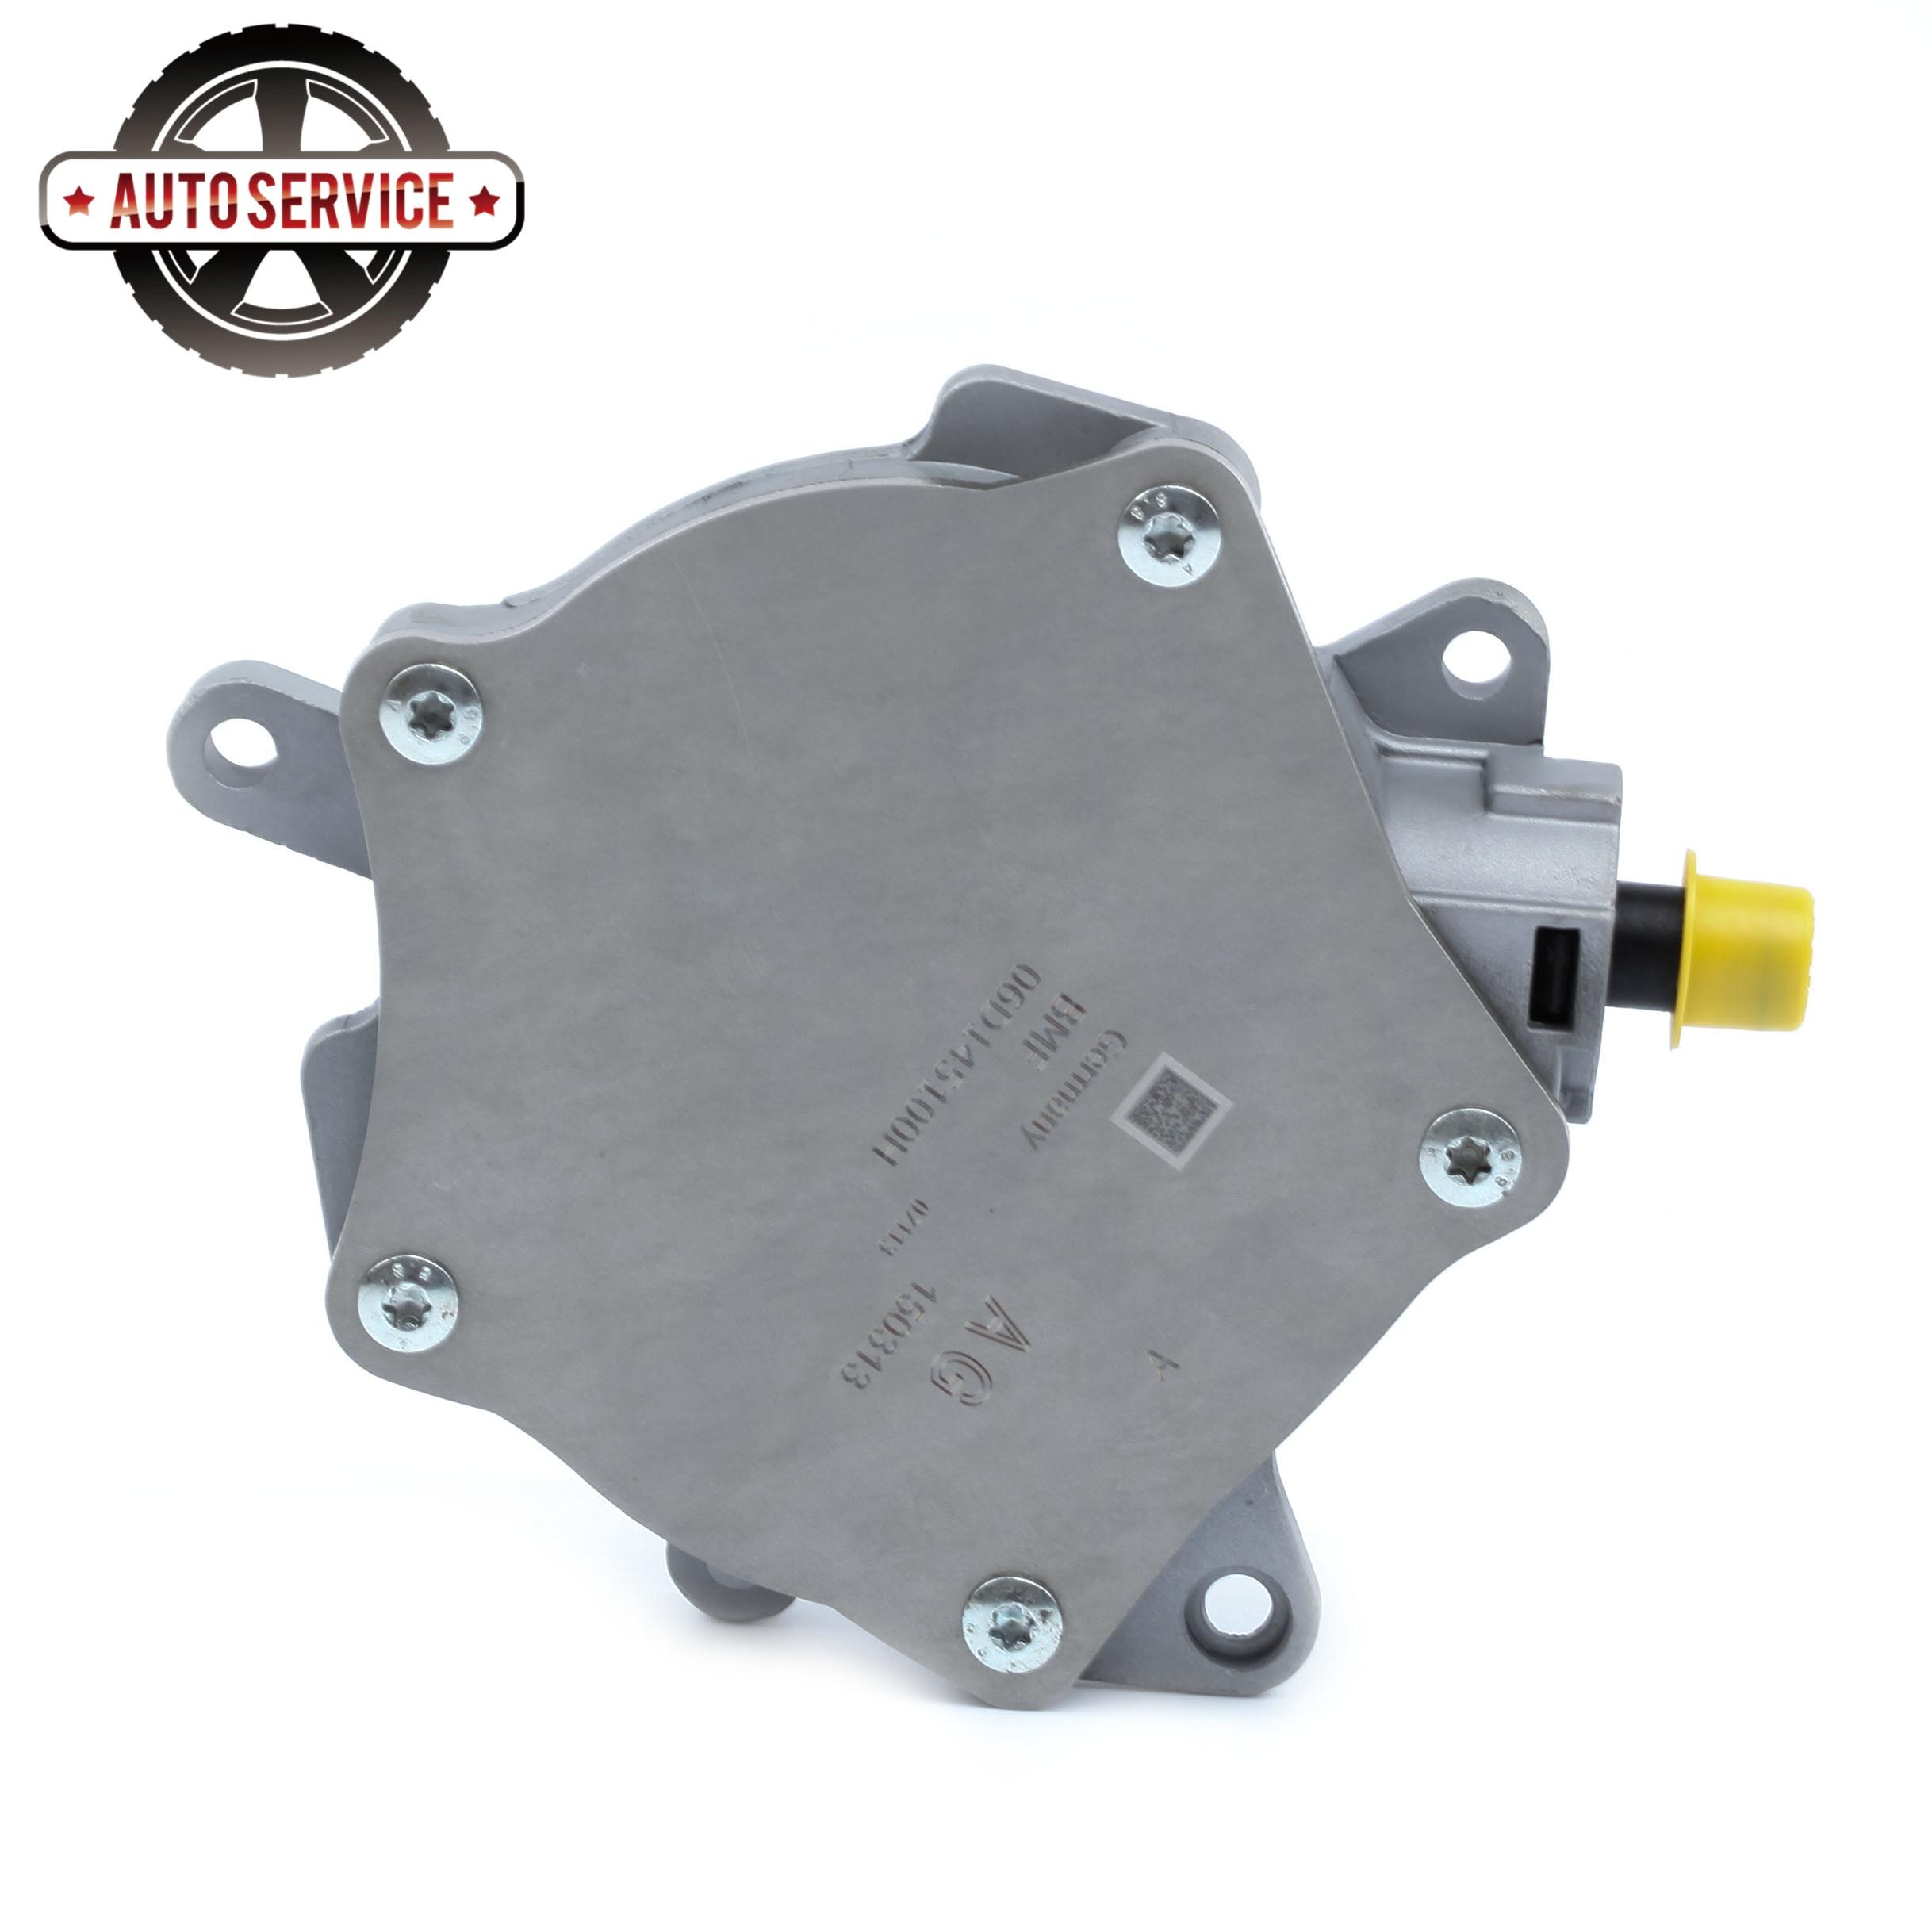 Brake System Pack of 5 FMSI Automotive Hardware F3039 Metric Brake ...